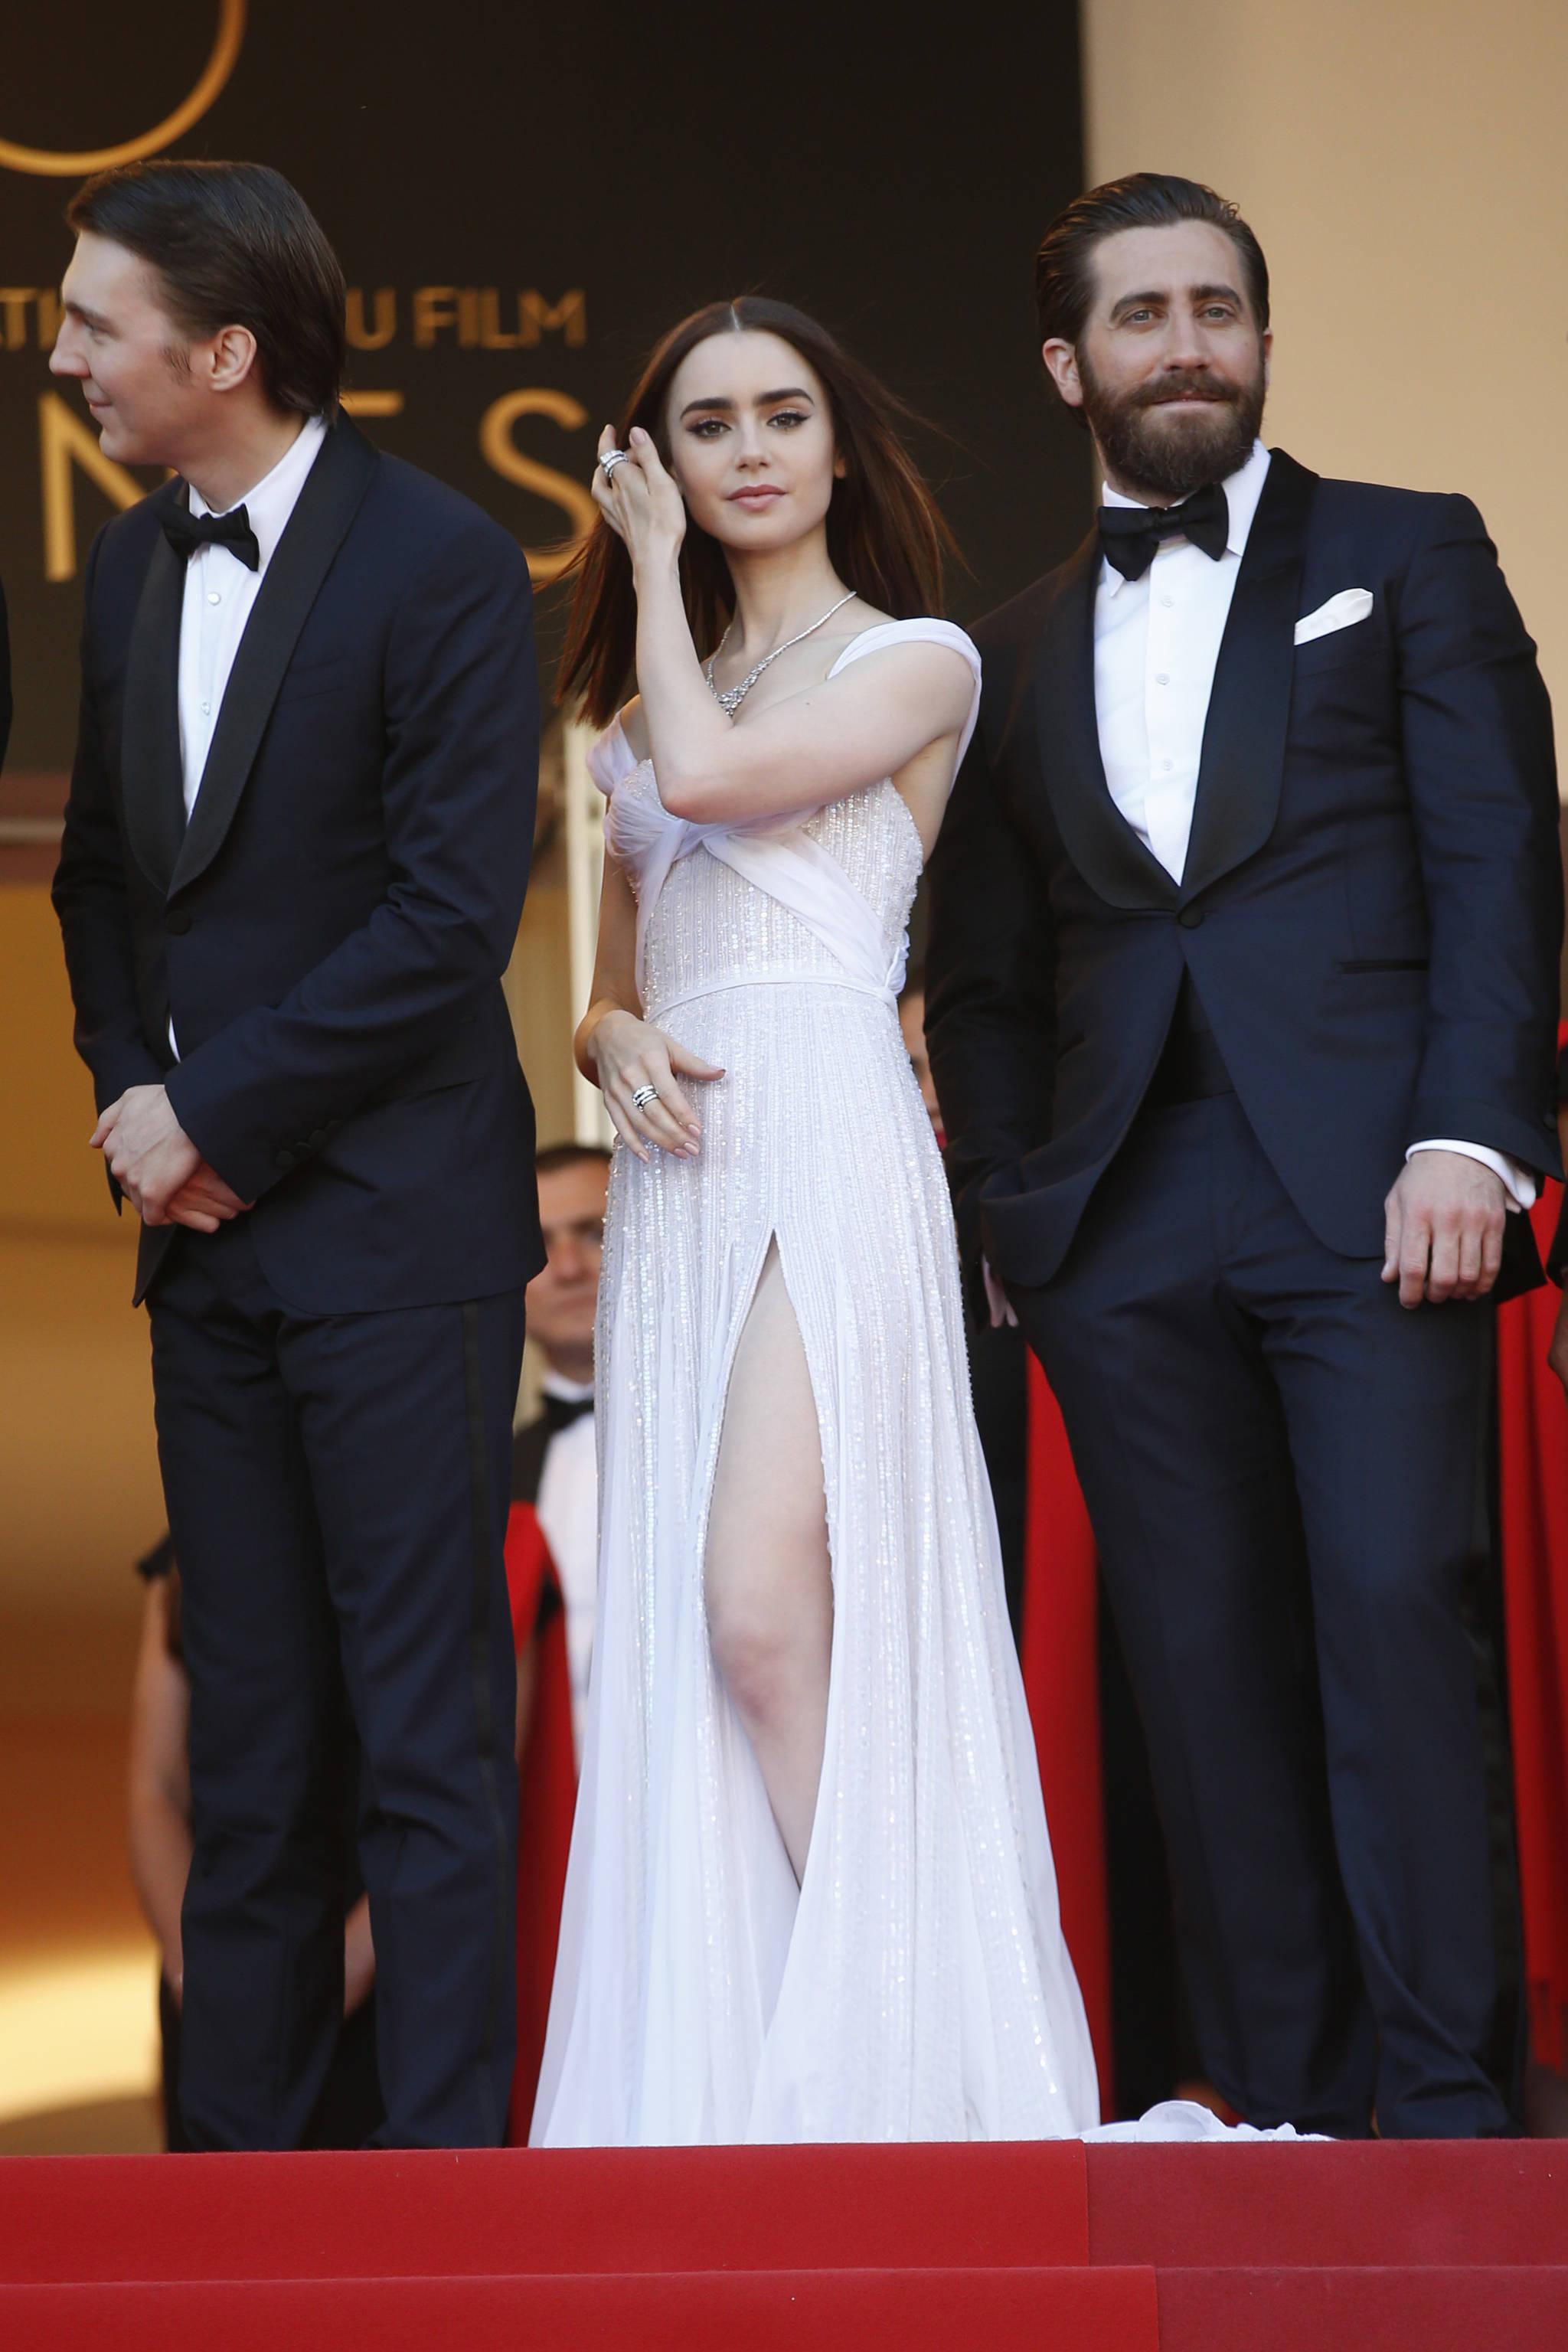 배우 폴 다노, 릴리 콜린스, 제이크 질렌할이(왼쪽부터) 19일 오후(현지시각) 프랑스 칸 르미에르 극장에서 열린 '제70회 칸 국제영화제(Cannes Film Festival)' 경쟁부문 출품작 영화 '옥자'(감독 봉준호) 레드카펫 행사에 참석했다. [AP=뉴시스]